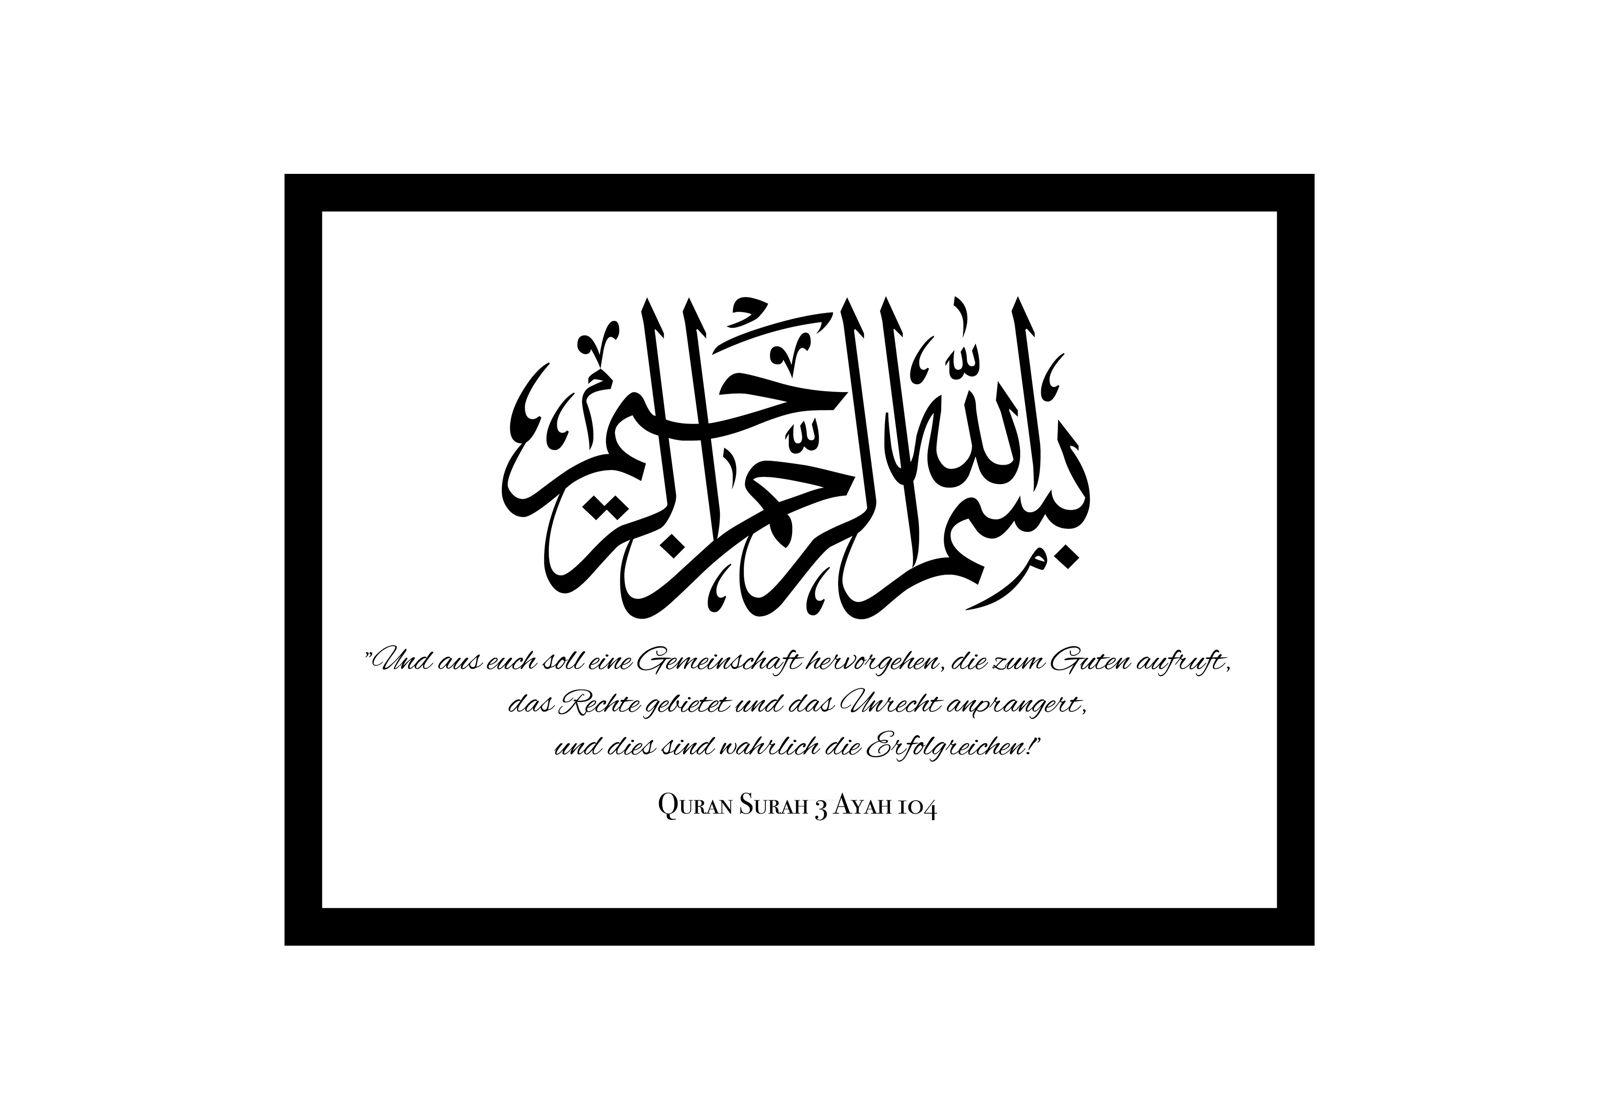 Quran Ayah - Aus euch soll eine Gemeinschaft hervorgehen(1)_opt